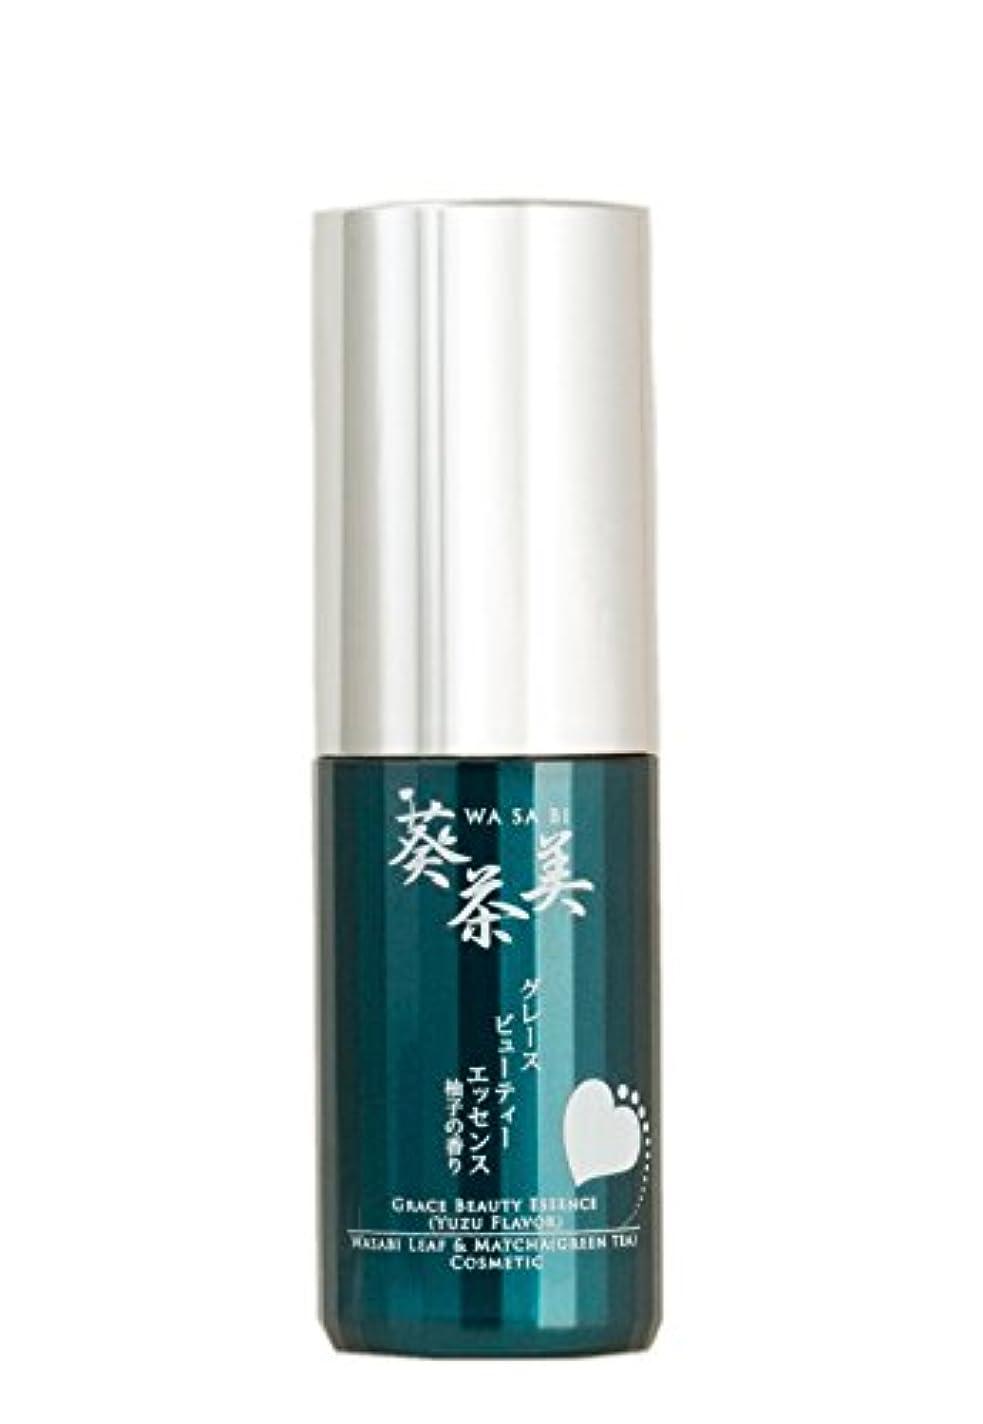 支払い通路距離葵茶美-WASABI-  ワサビ グレースビューティーエッセンス(美容液) 柚子の香り 30ml